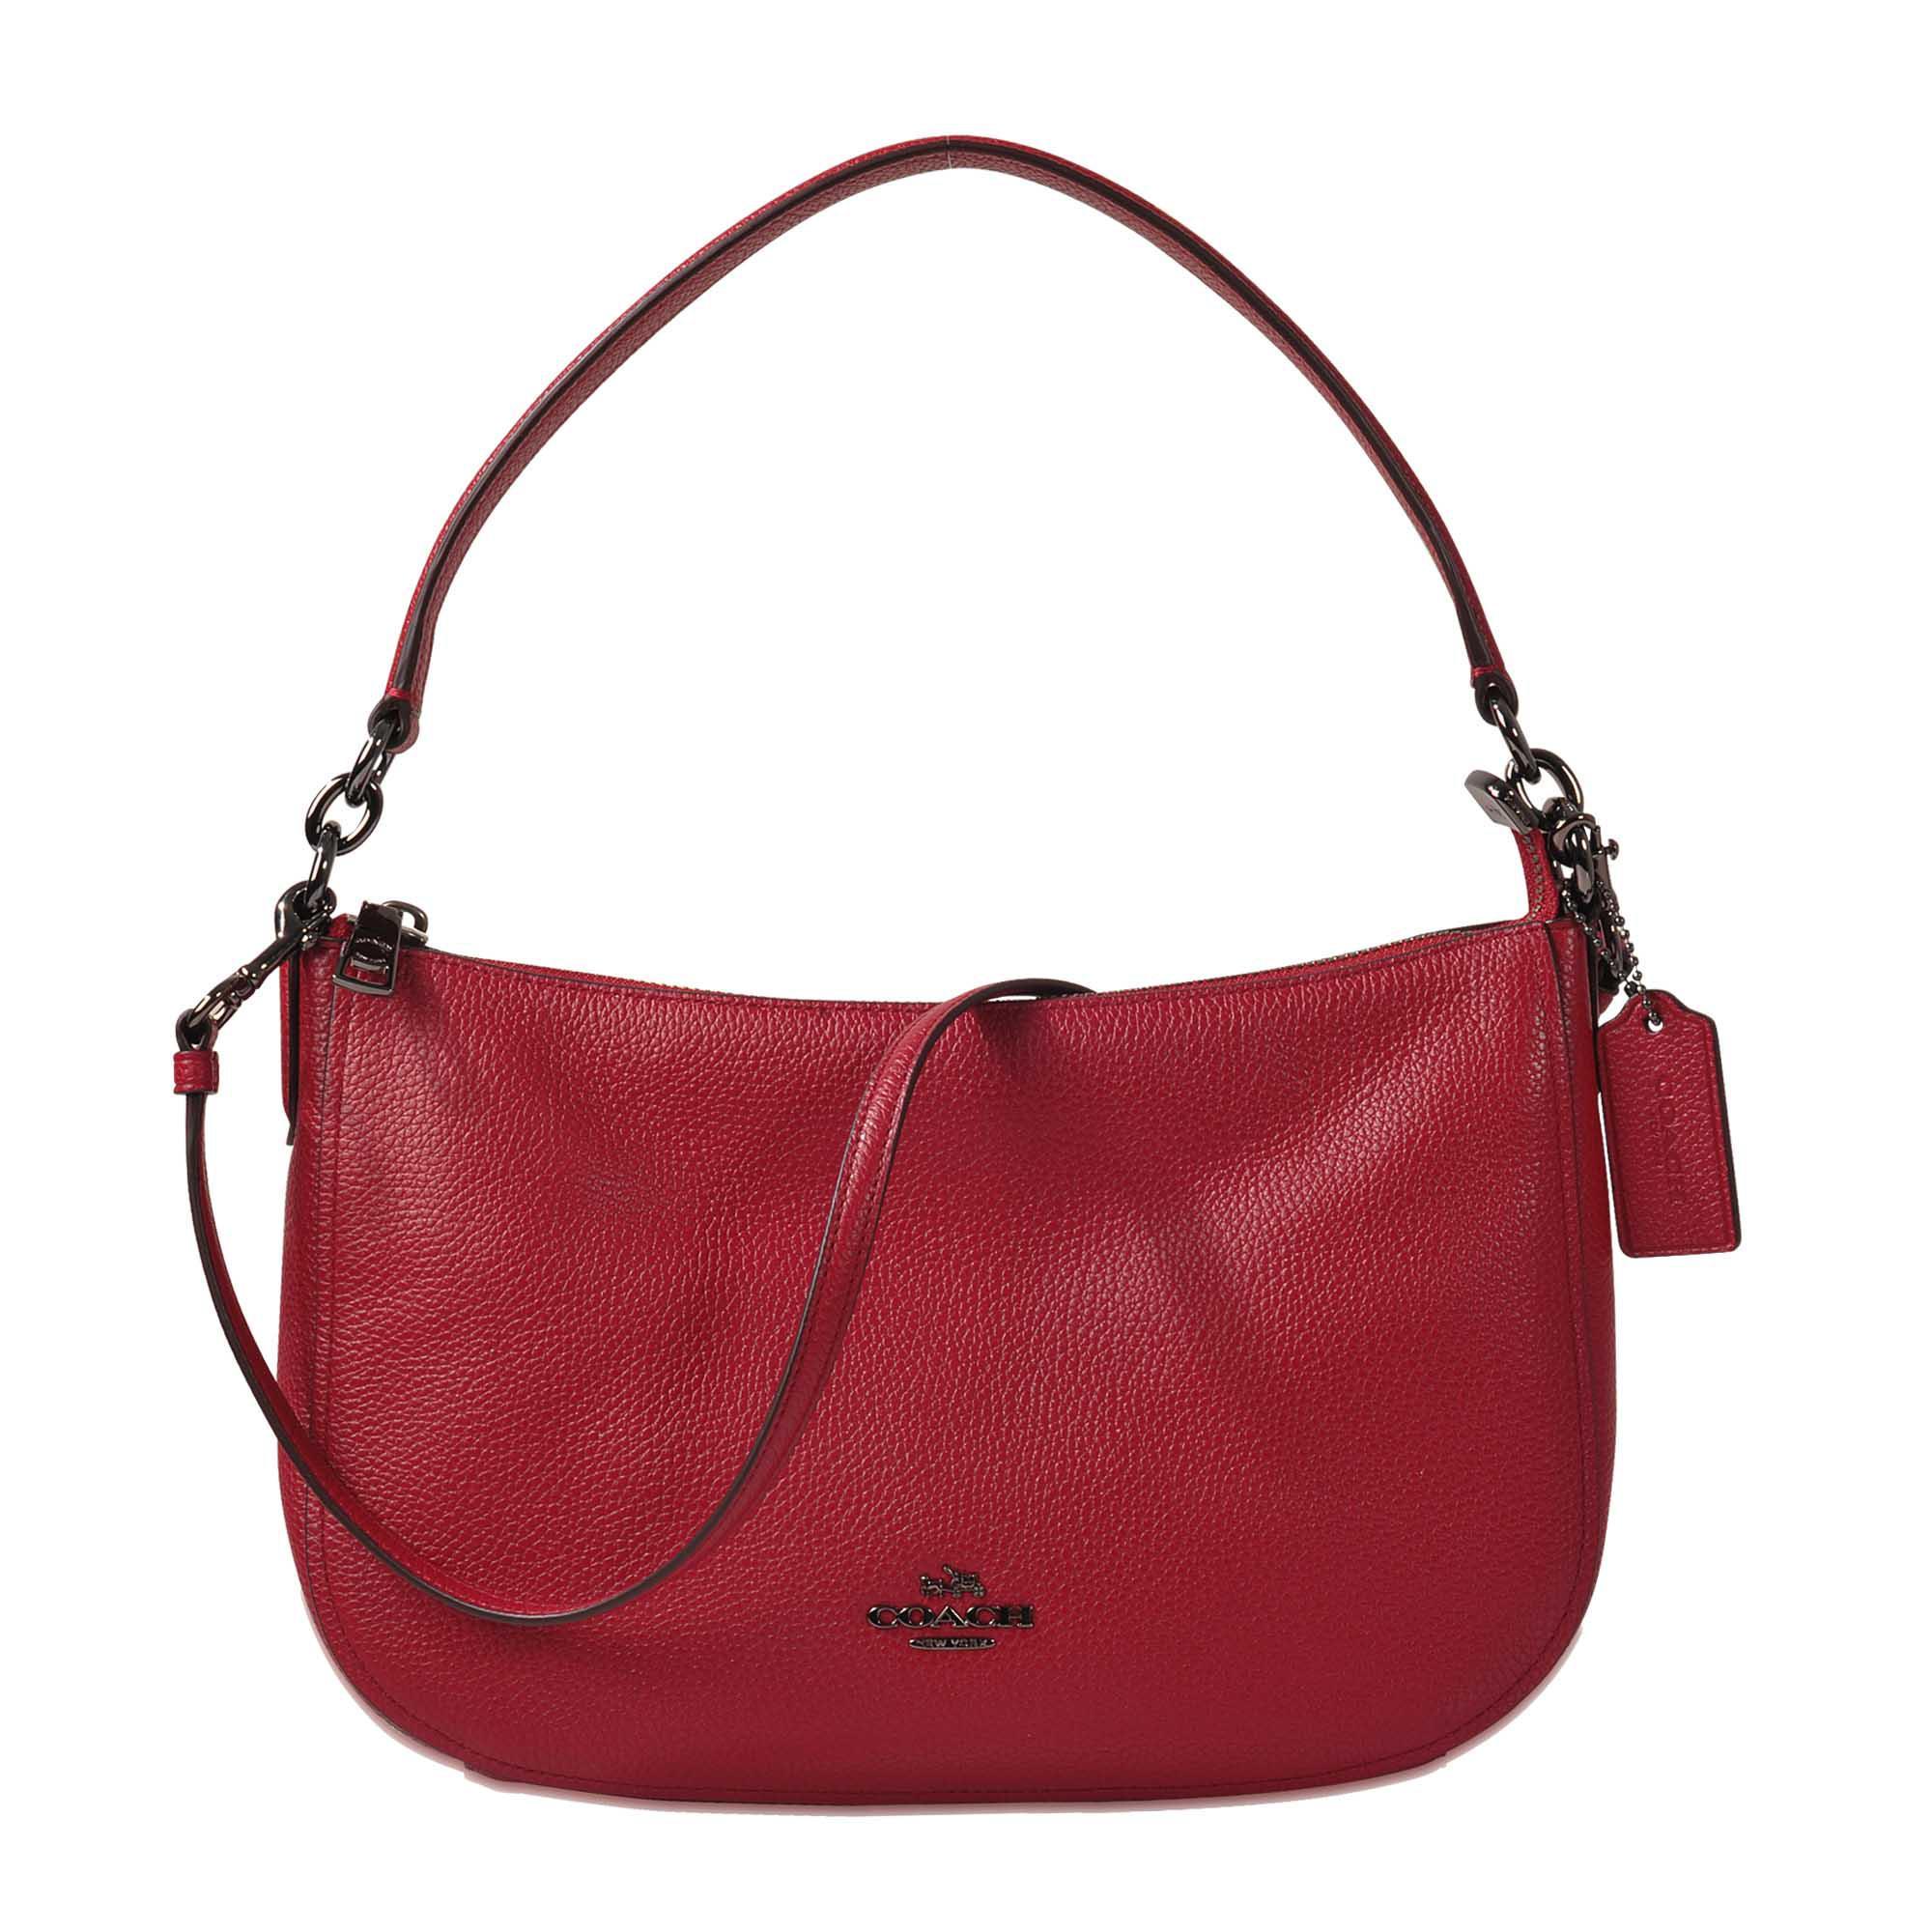 Chelsea Crossbody Bag in Beechwood Calfskin Coach SIsAV